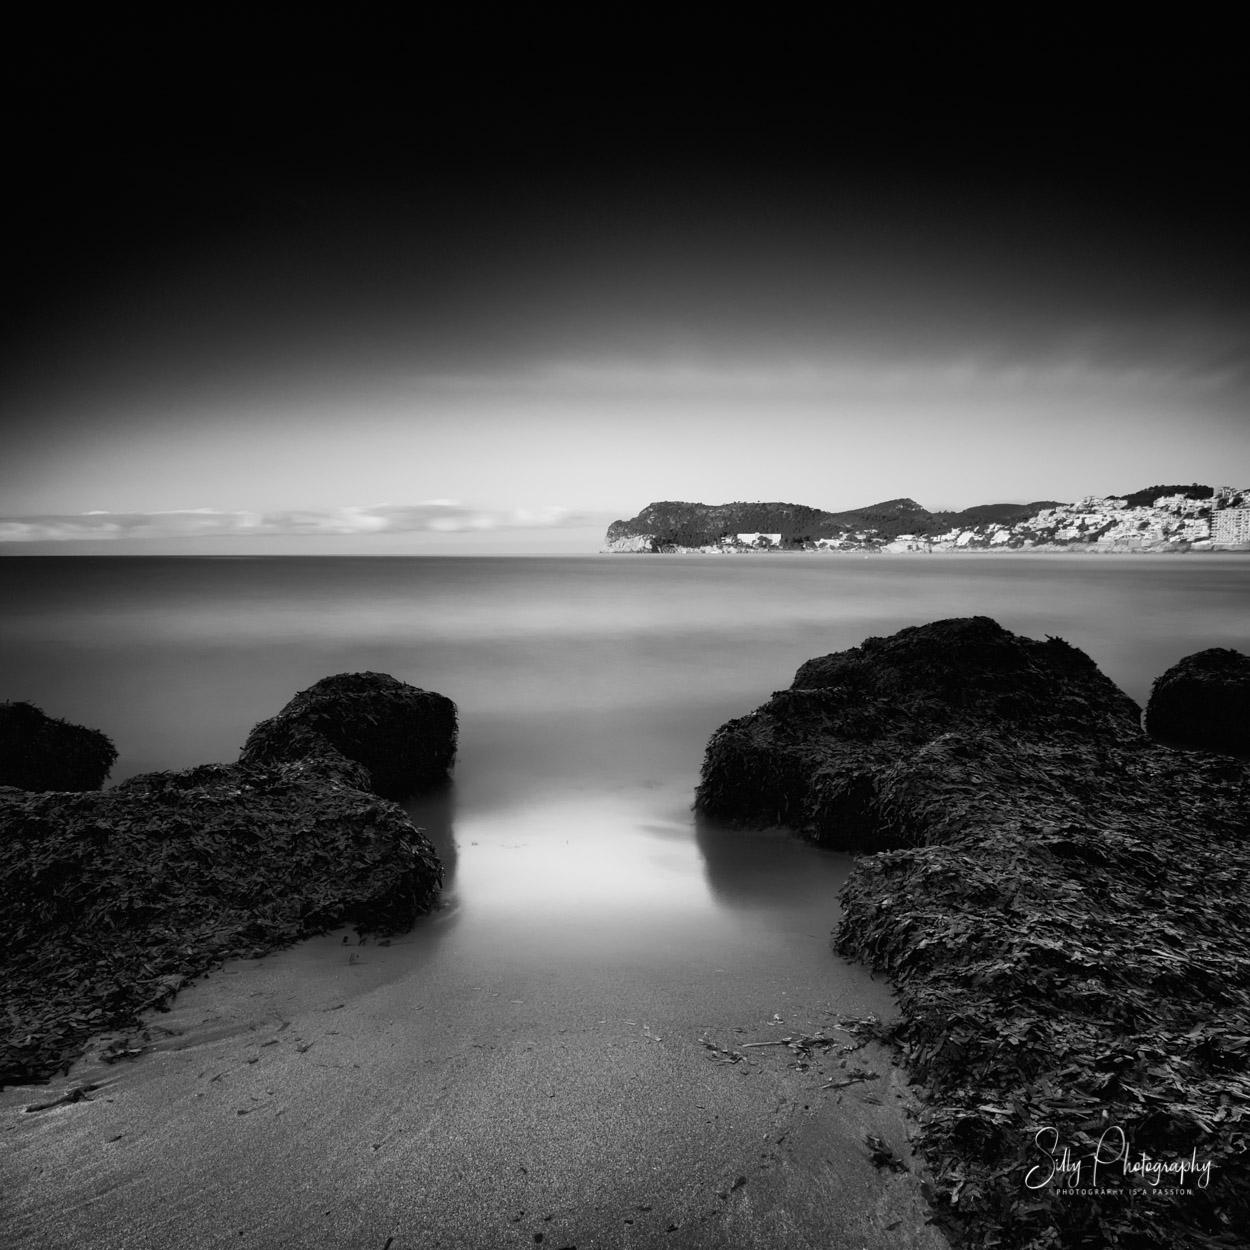 Mallorca / Playa la Romana, Sonnenaufgang, Langzeitbelichtung, 2015, © Silly Photography